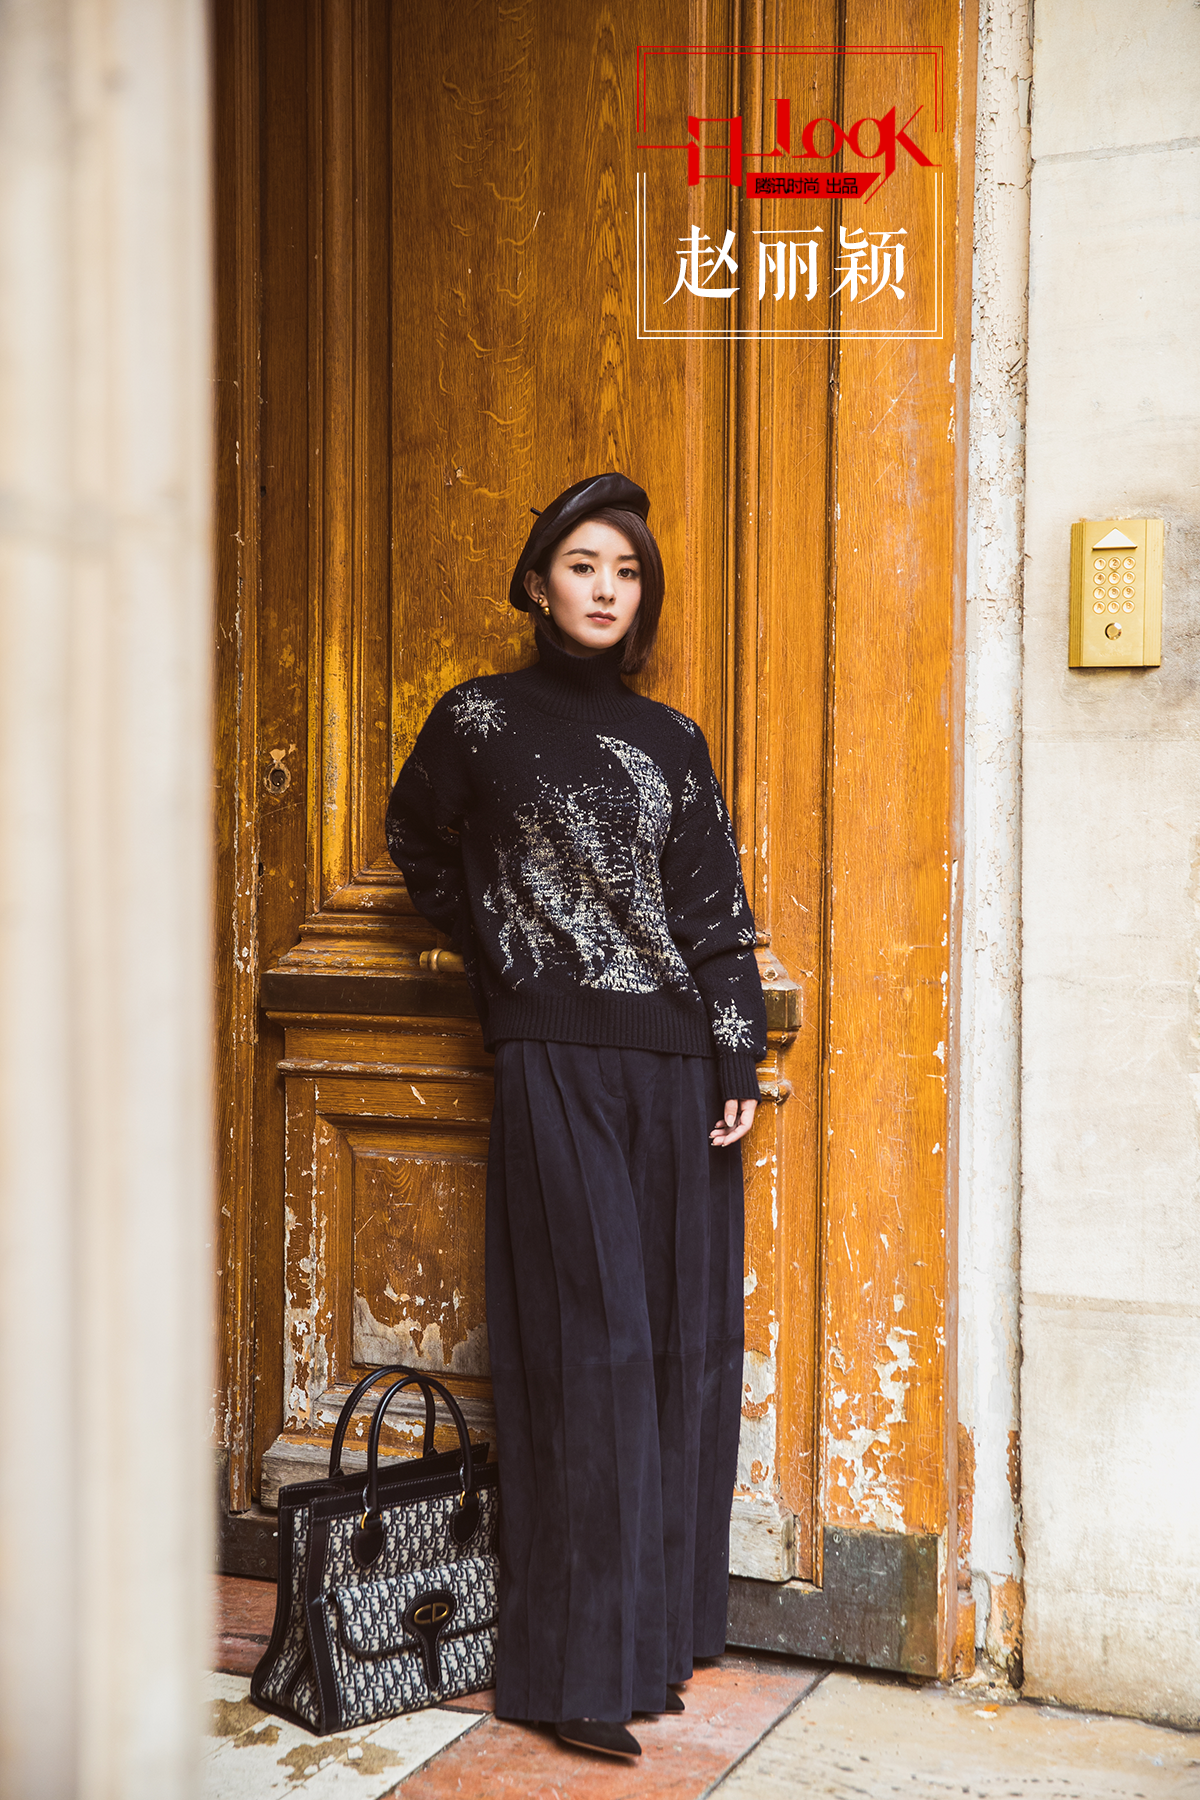 一日一look 巴黎街头的赵丽颖 黑超搭贝雷帽成摩登女郎